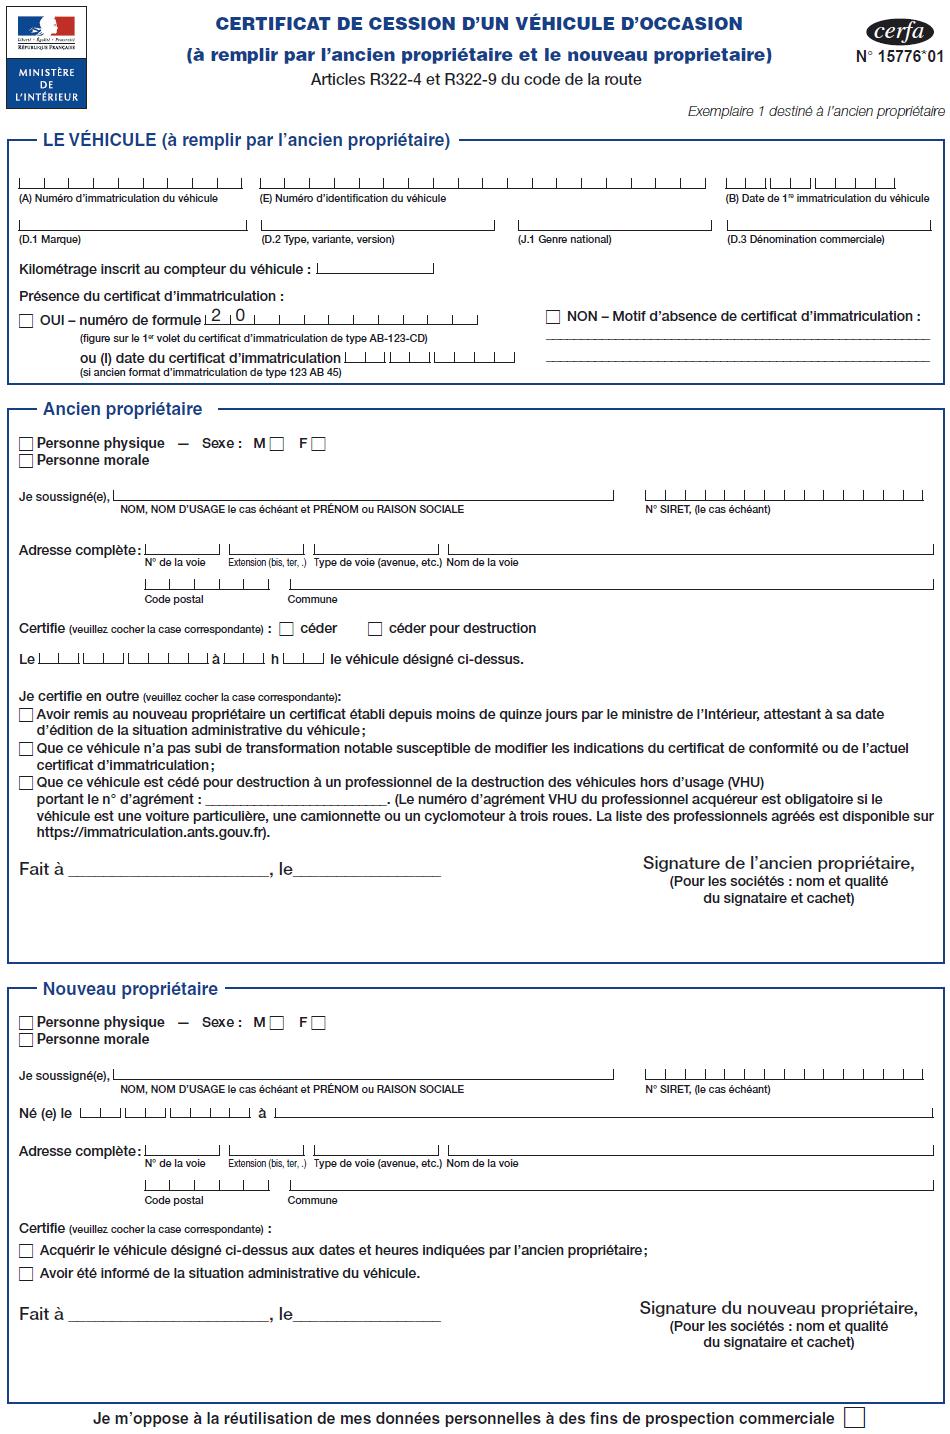 Cerfa N 15776 01 Certificat De Cession D Un Vehicule D Occasion Section Telechargement Autopassion